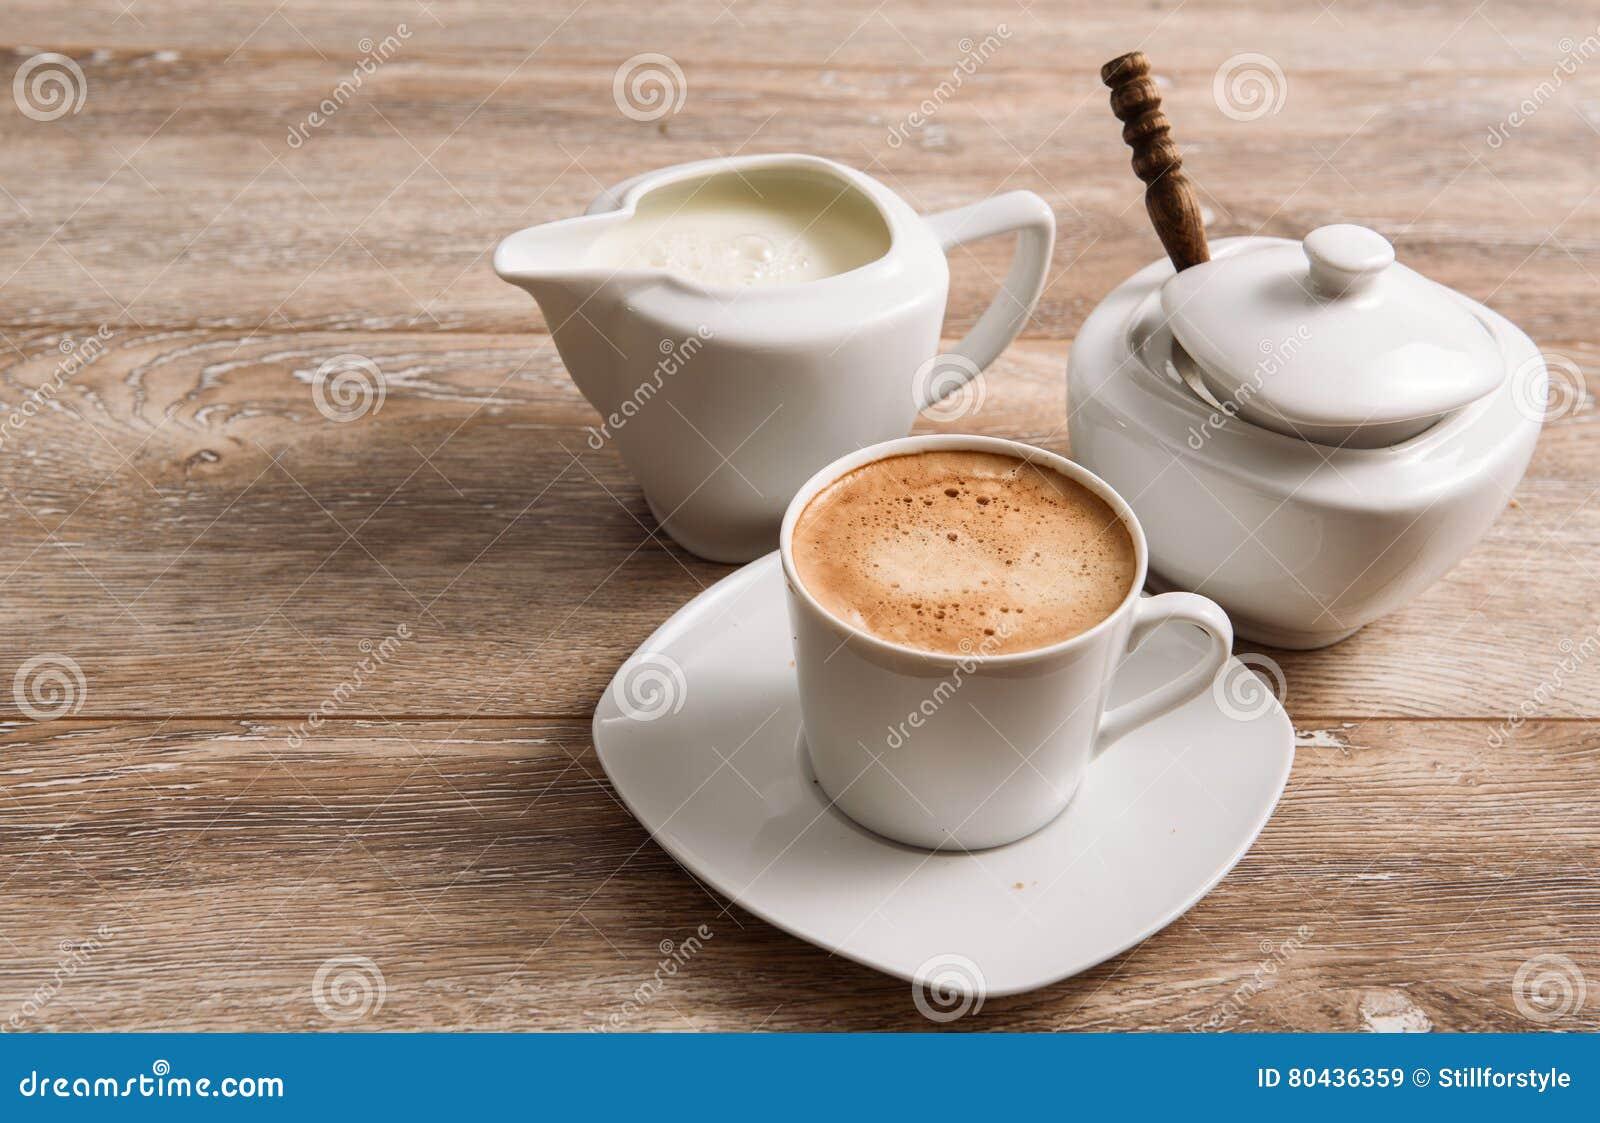 Kaffee Milch Und Zucker